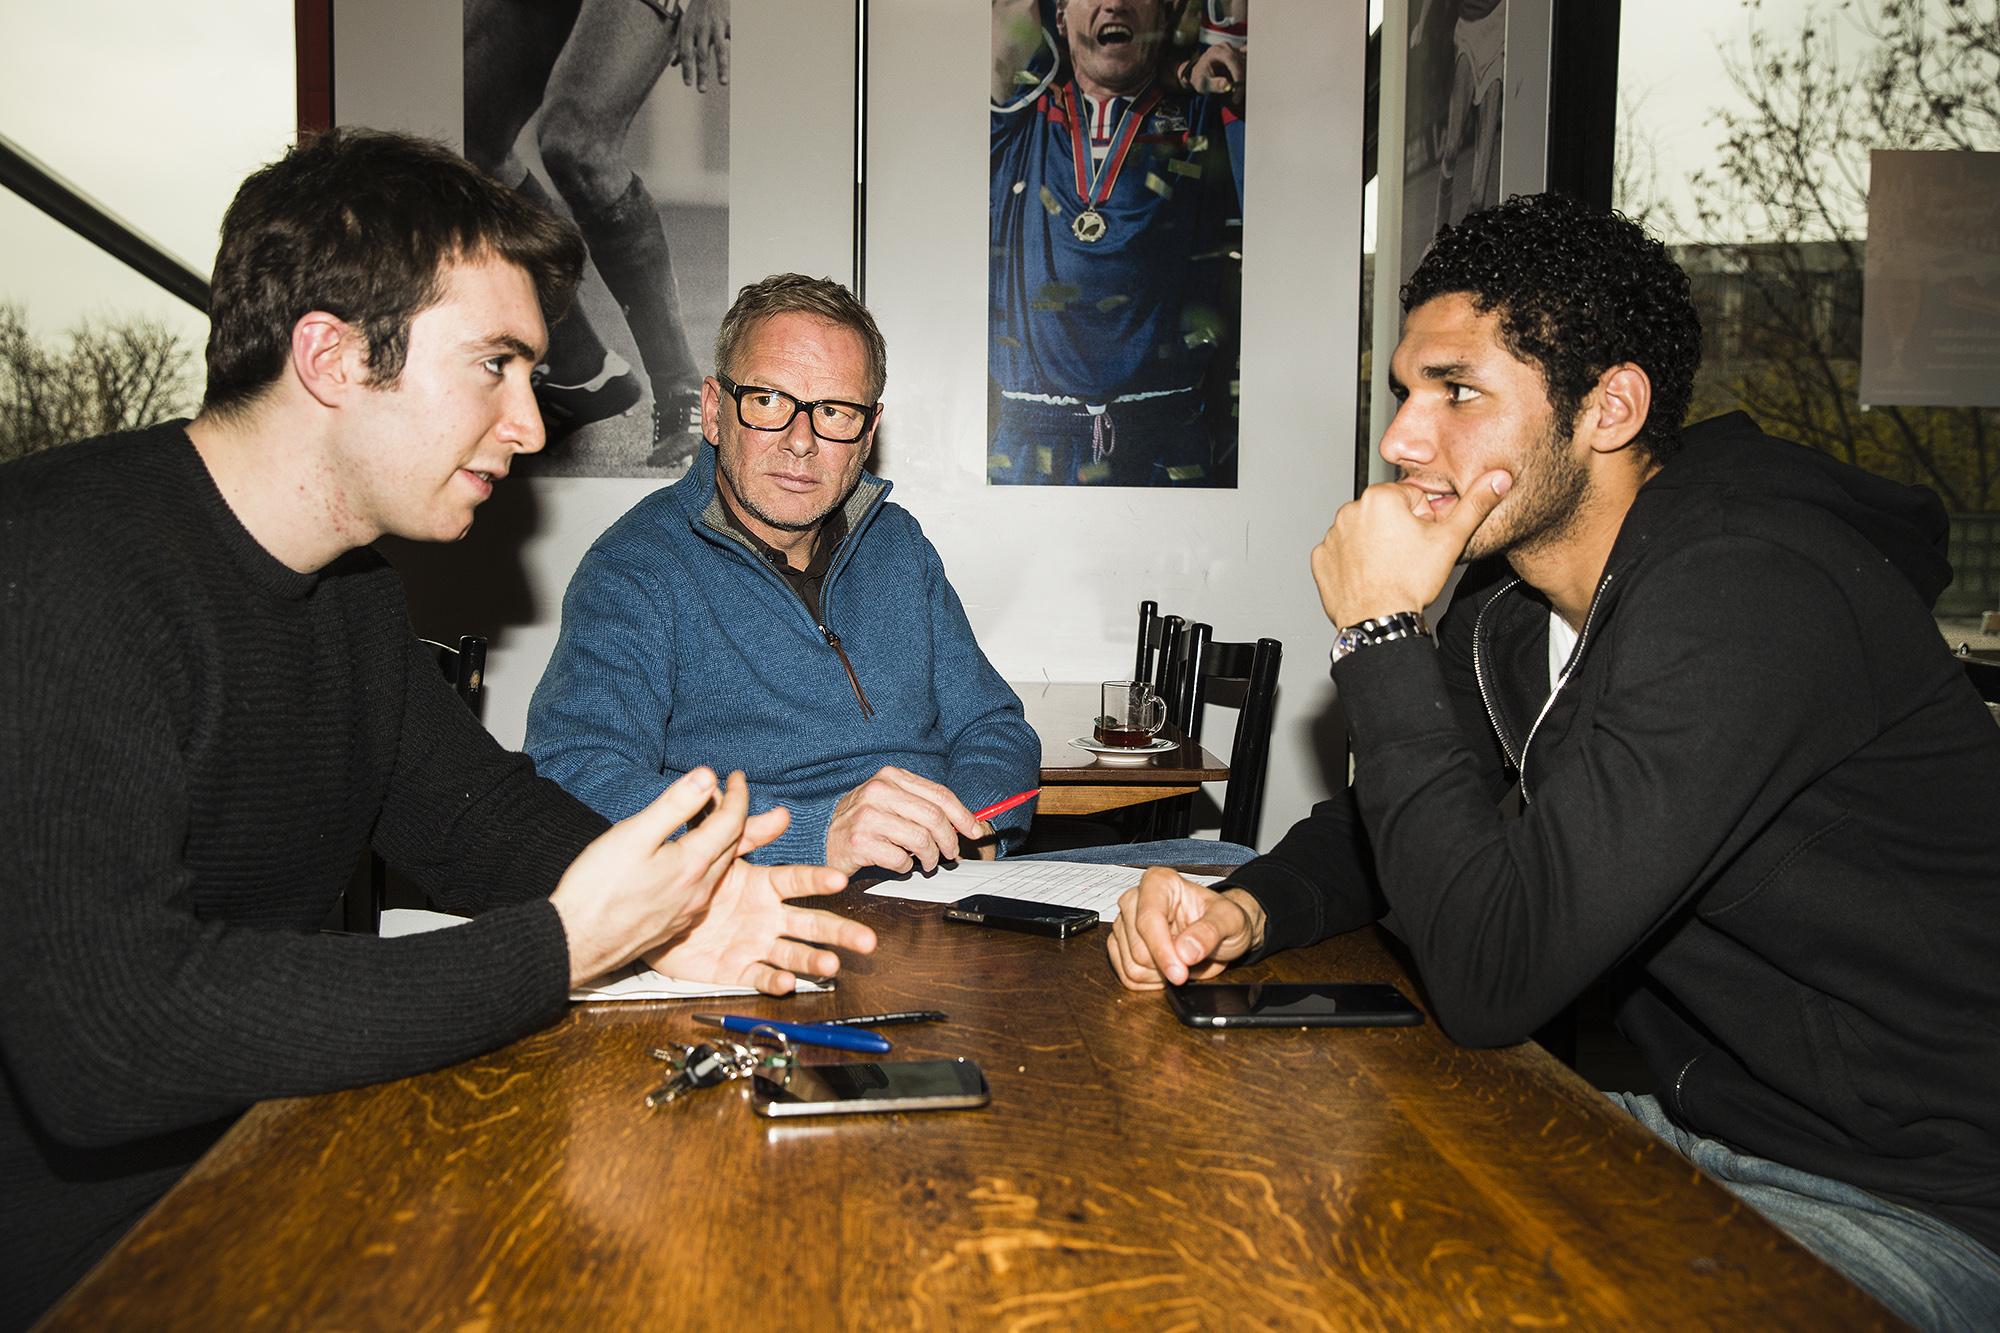 FOTO: TAGES WOCHE/STEFAN BOHRER ORT: BASEL - 4.12.2014: INTERVIEW MIT DEM AEGYPTISCHEN SPIELER DES FC BASEL - MOHAMED EL NENNY.